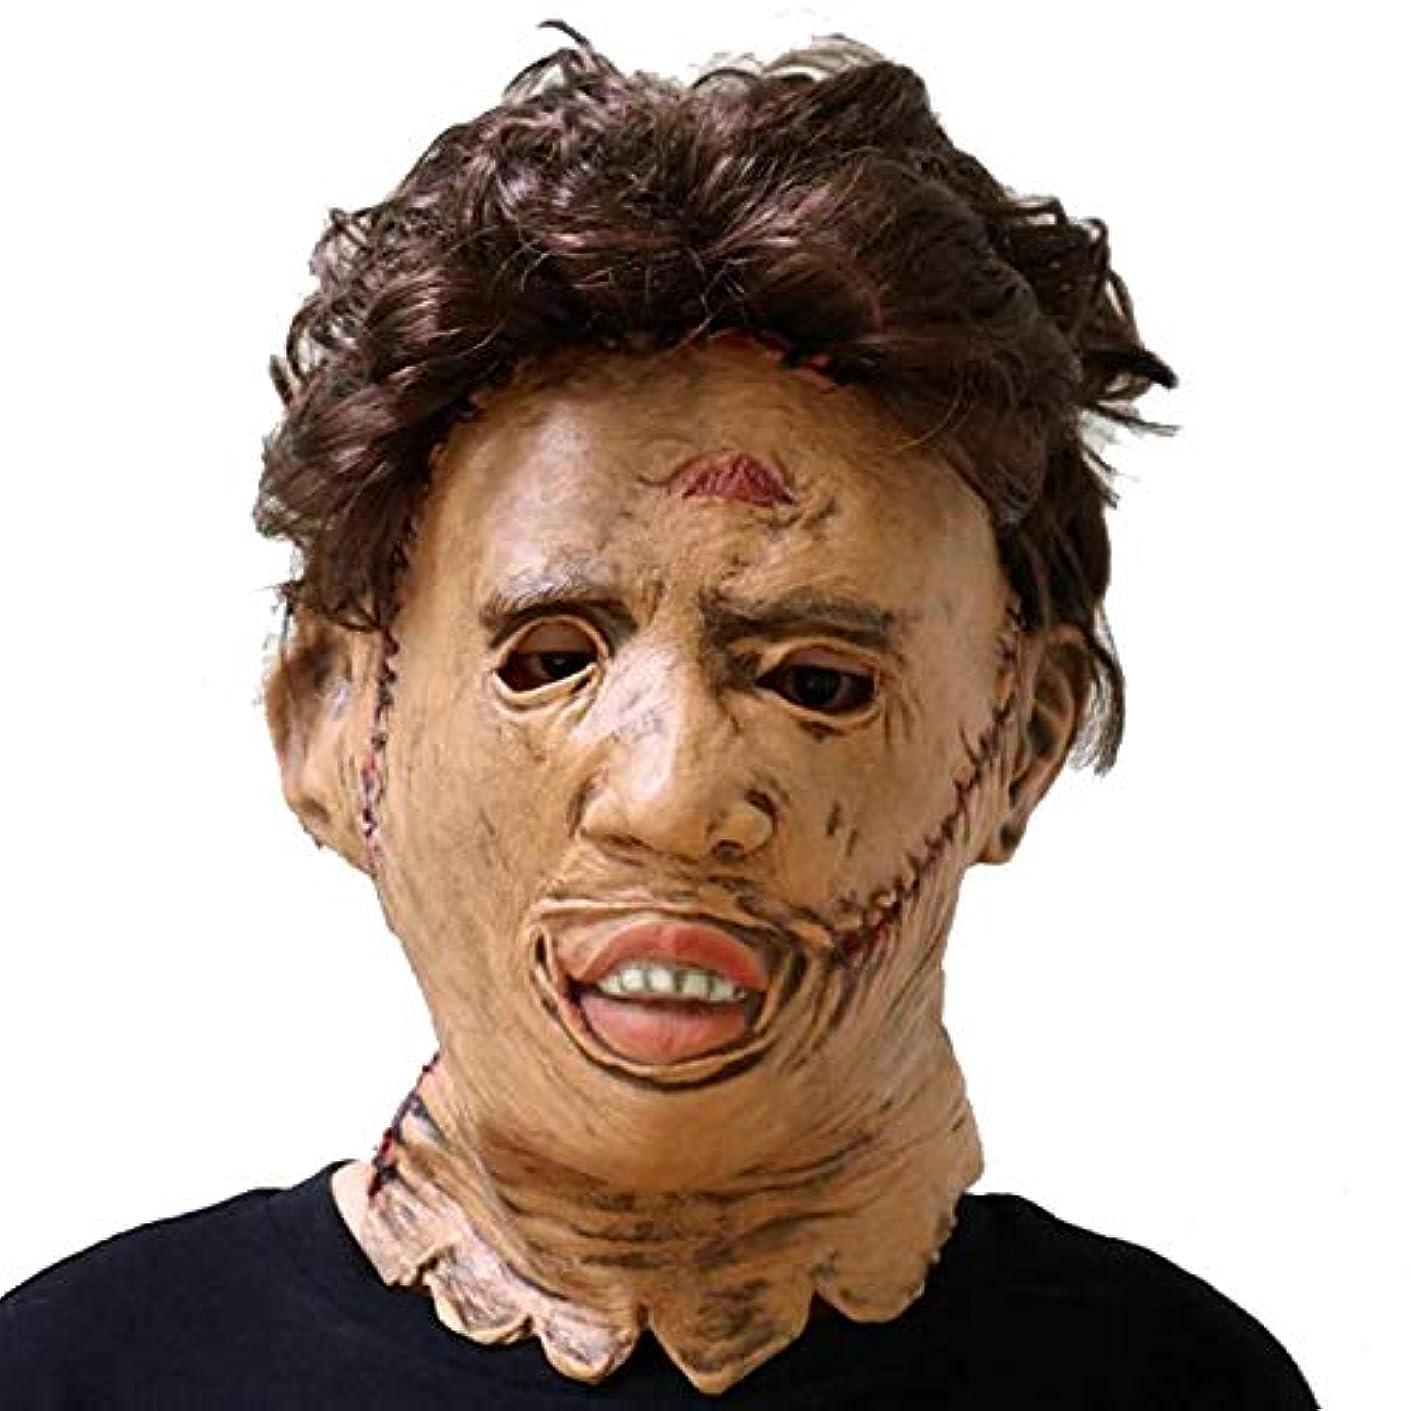 良性論争的飲み込むハロウィーンマスクホラーチェーンソー殺人マスクマスクの映画の小道具バーKTVプロムラテックス帽子